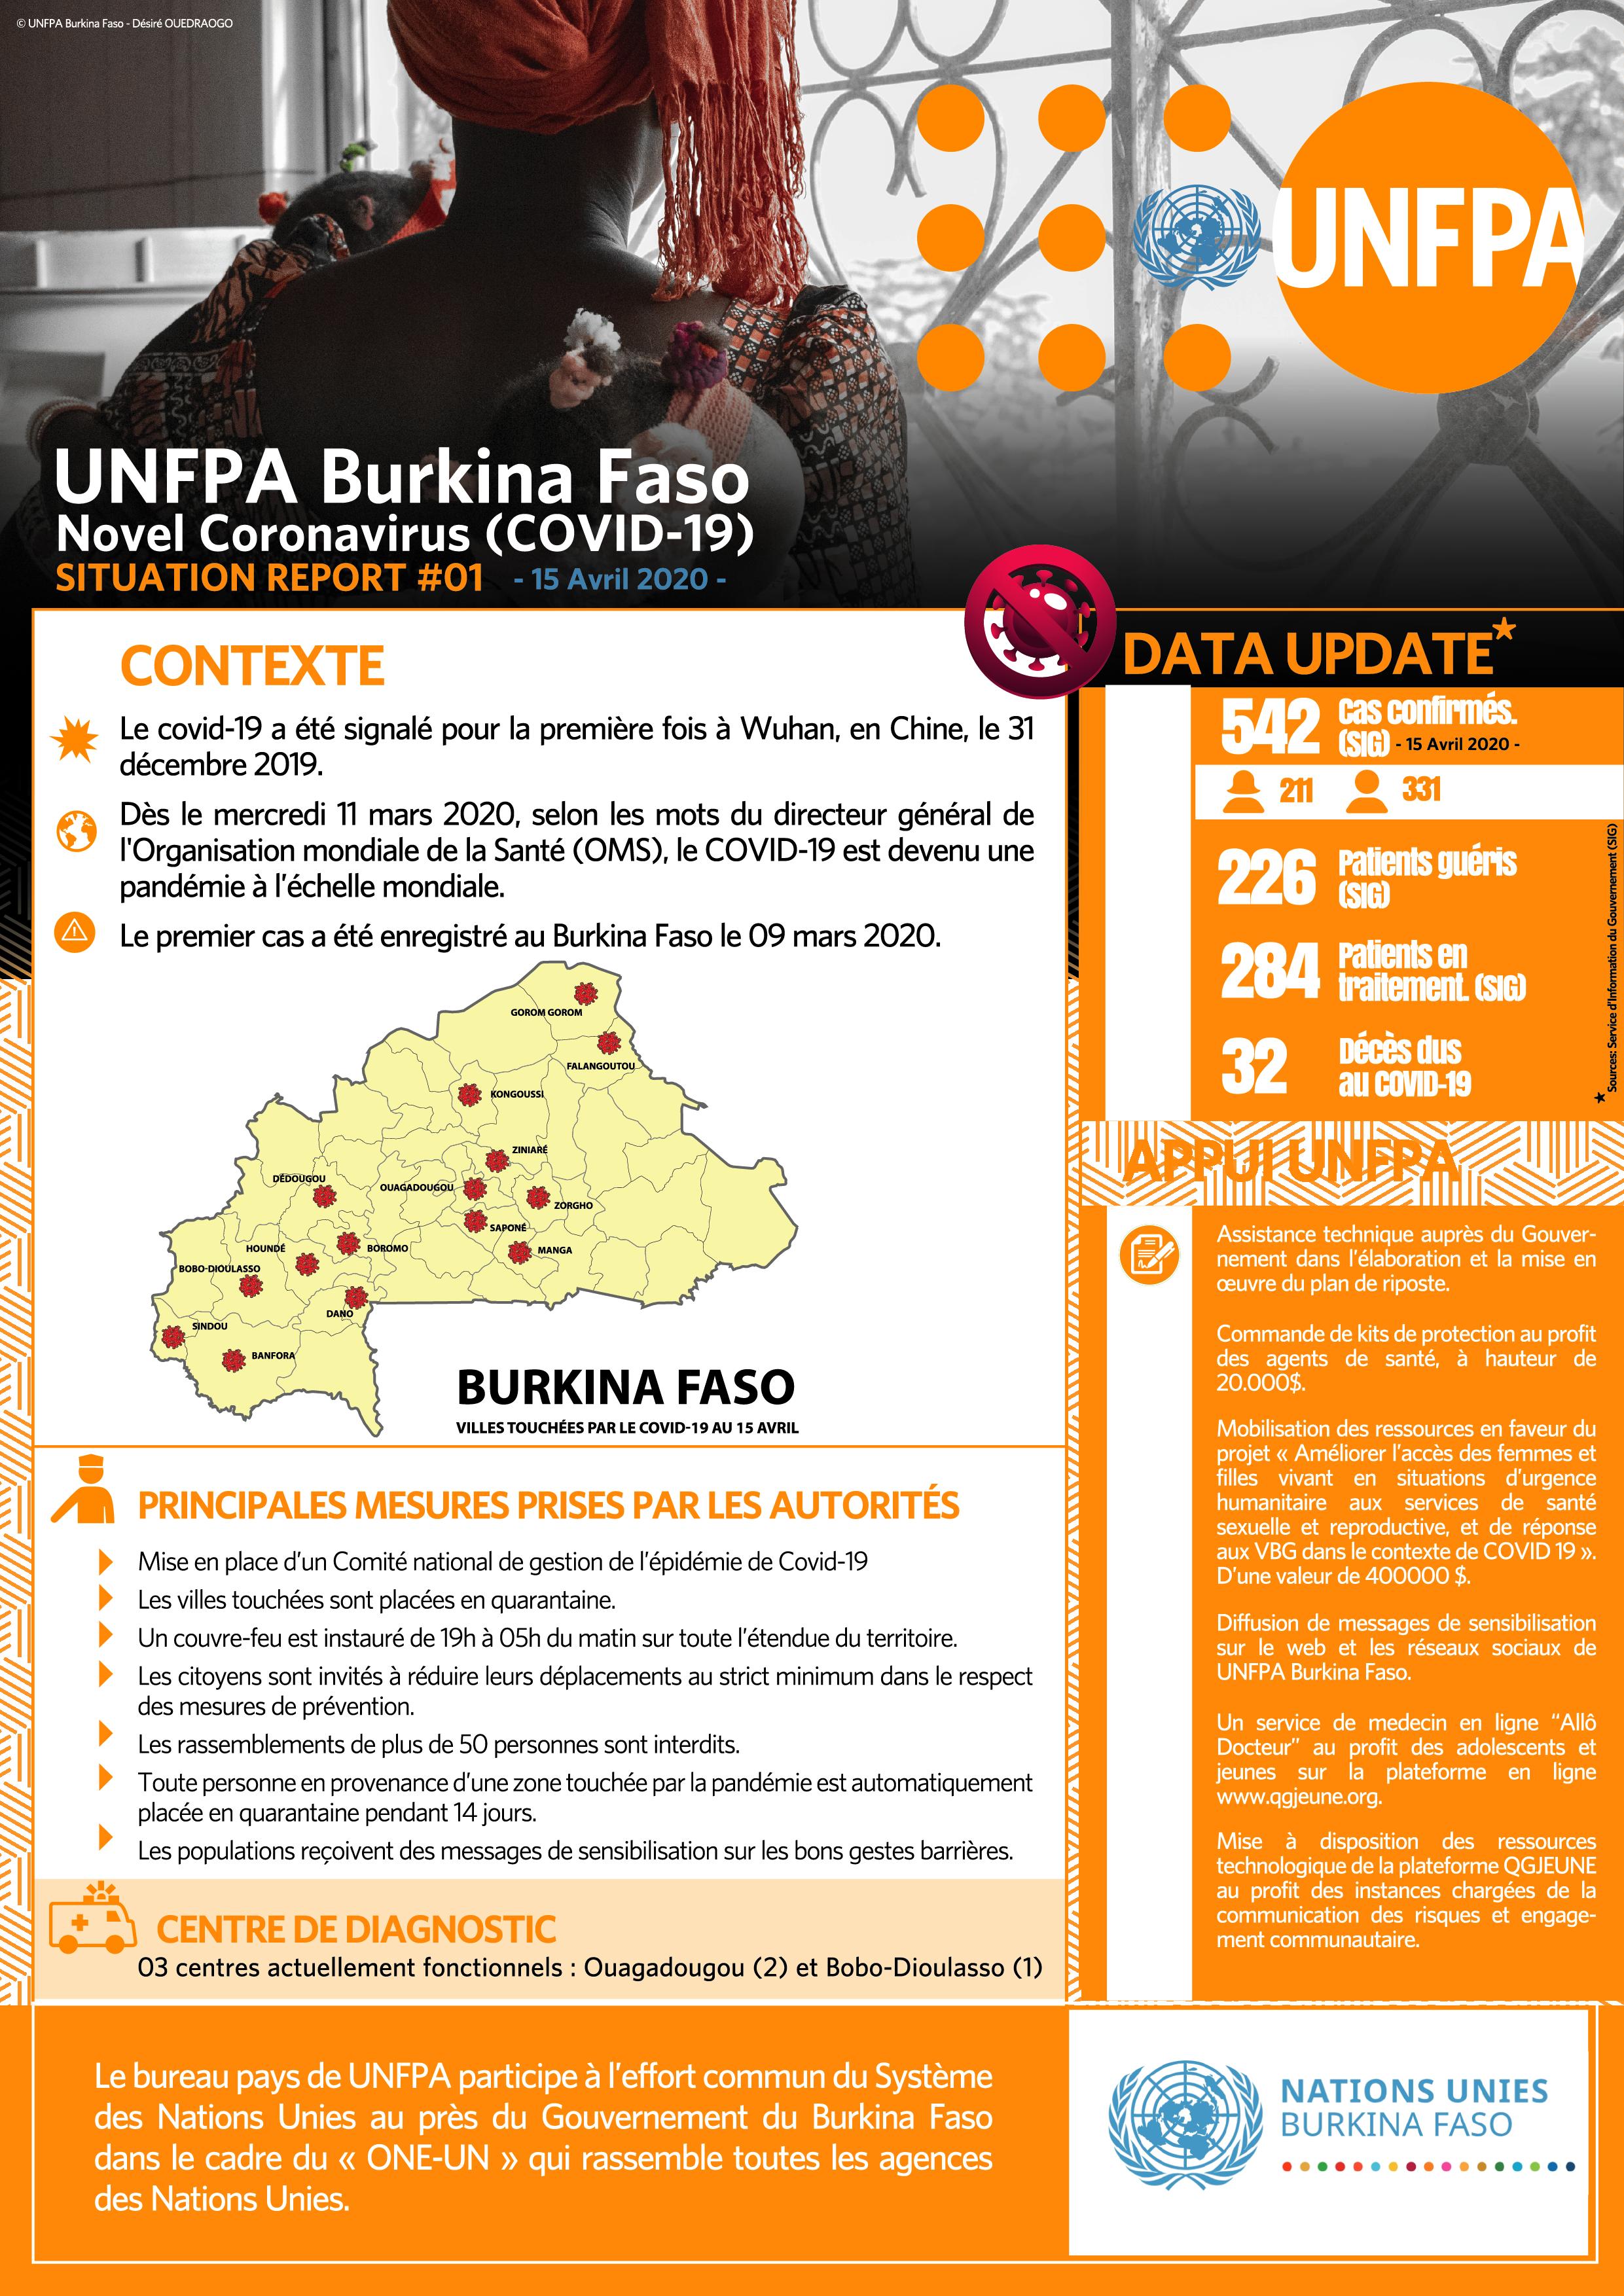 Le covid-19 a été signalé pour la première fois à Wuhan, en Chine, le 31 décembre 2019. Dès le mercredi 11 mars 2020, selon les mots du directeur général de l'Organisation mondiale de la Santé (OMS), le COVID-19 est devenu une pandémie à l'échelle mondiale. Le premier cas a été enregistré au Burkina Faso le 09 mars 2020.